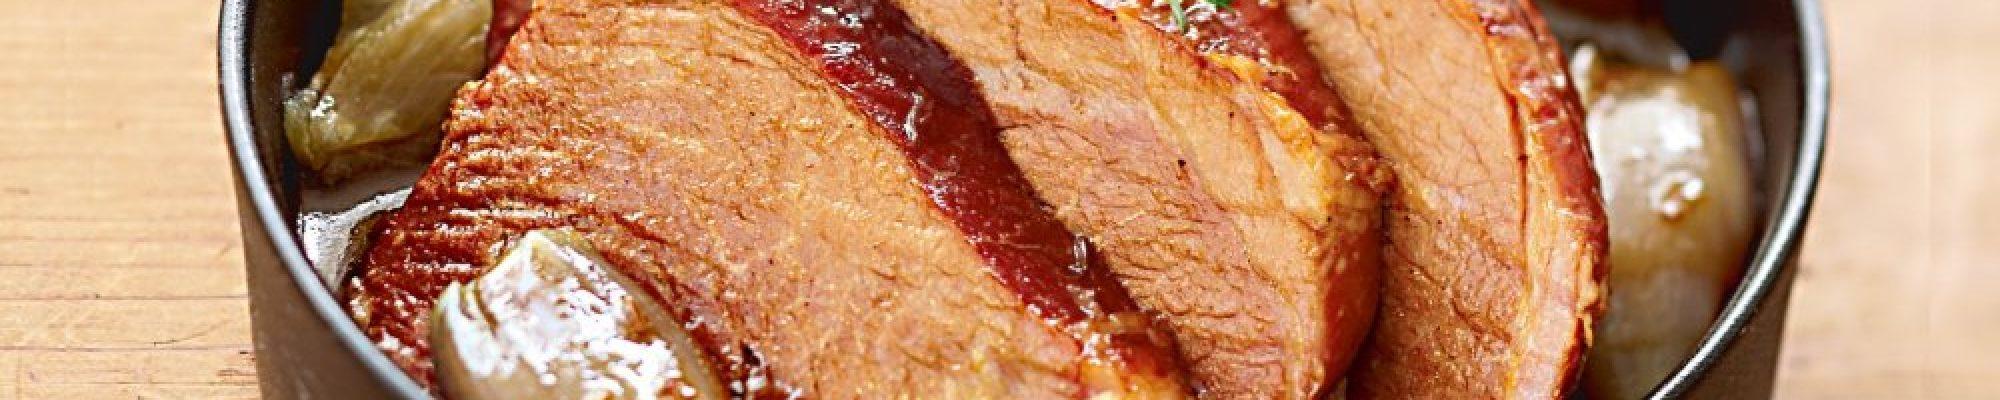 palette-de-porc-caramelisee-aux-echalotes